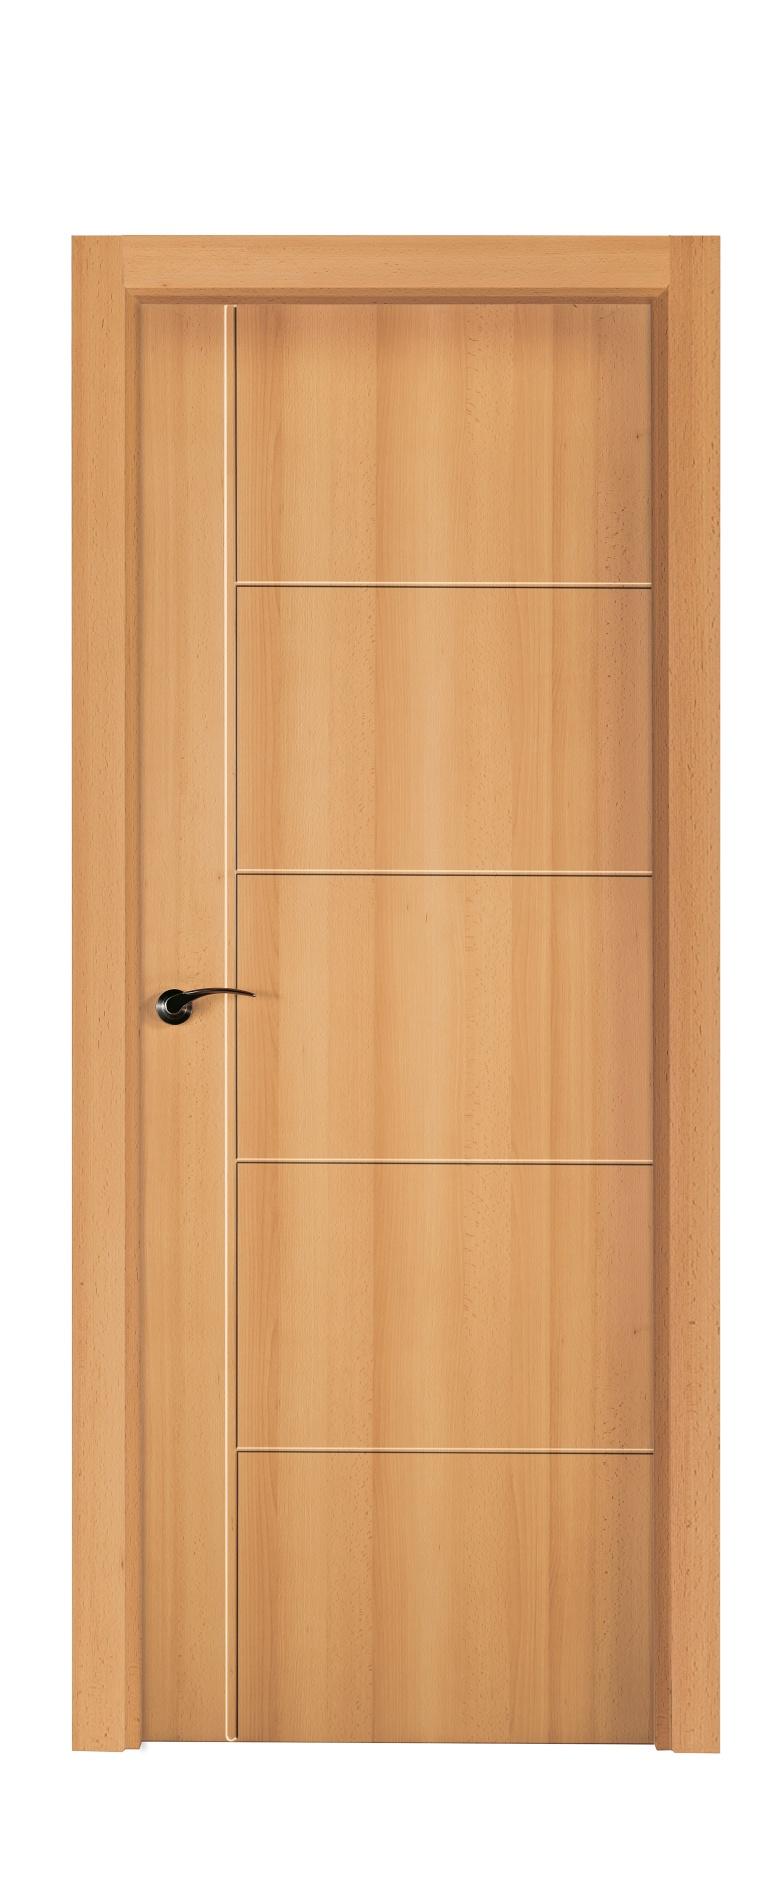 AFA-PVC | Ventanas PVC Valencia | Puertas de interior de PVC | AFA ...